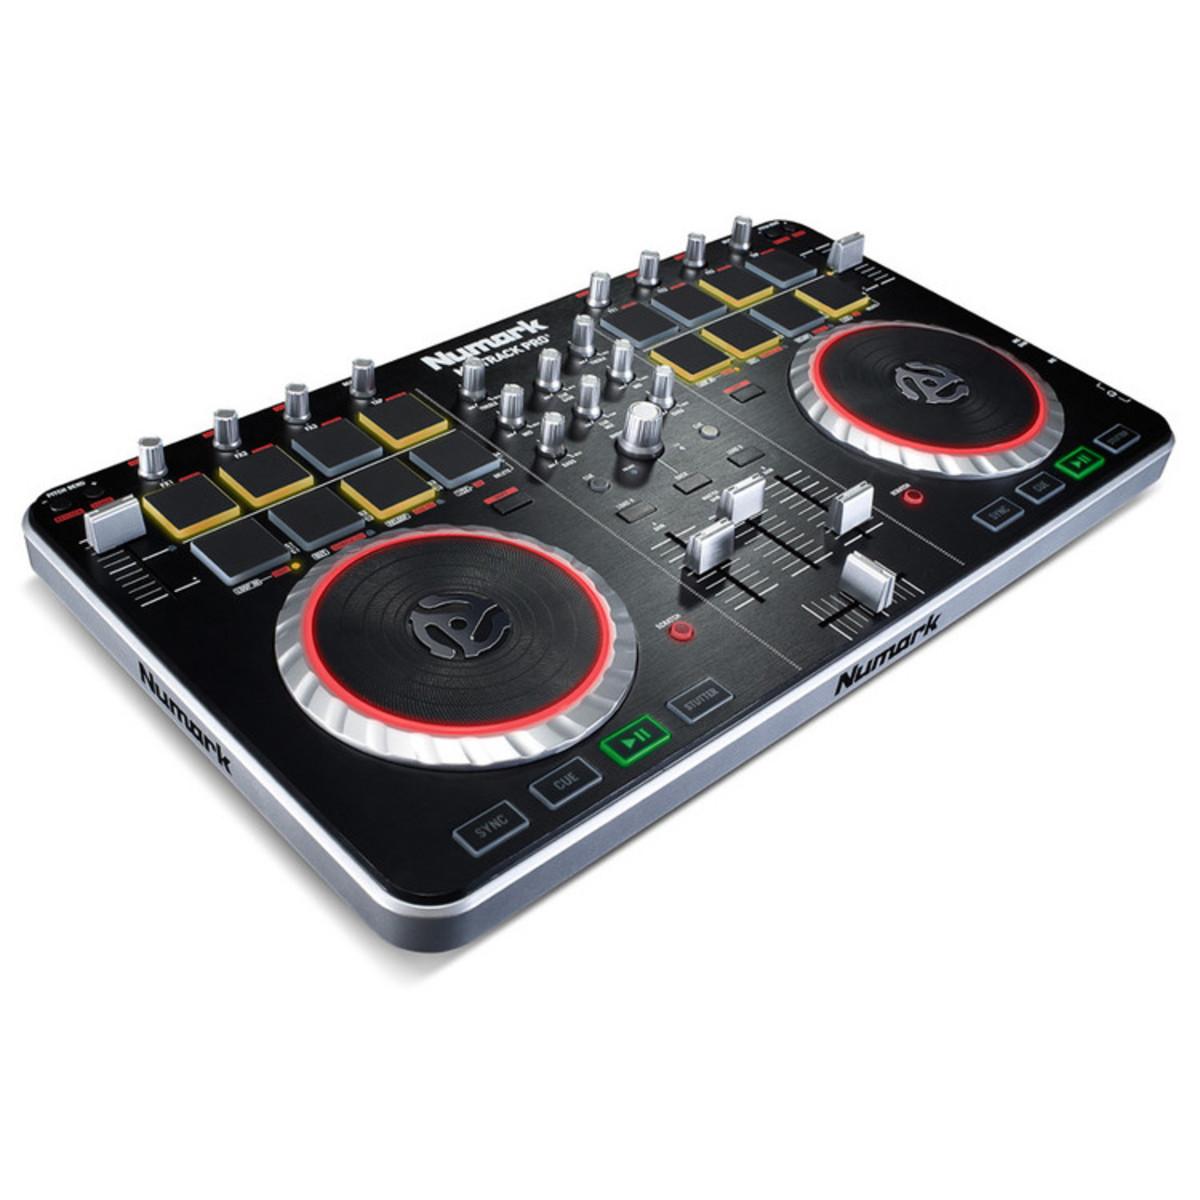 Numark Mixtrack Pro Ii : numark mixtrack pro ii 2 channel dj controller nearly new at gear4music ~ Hamham.info Haus und Dekorationen